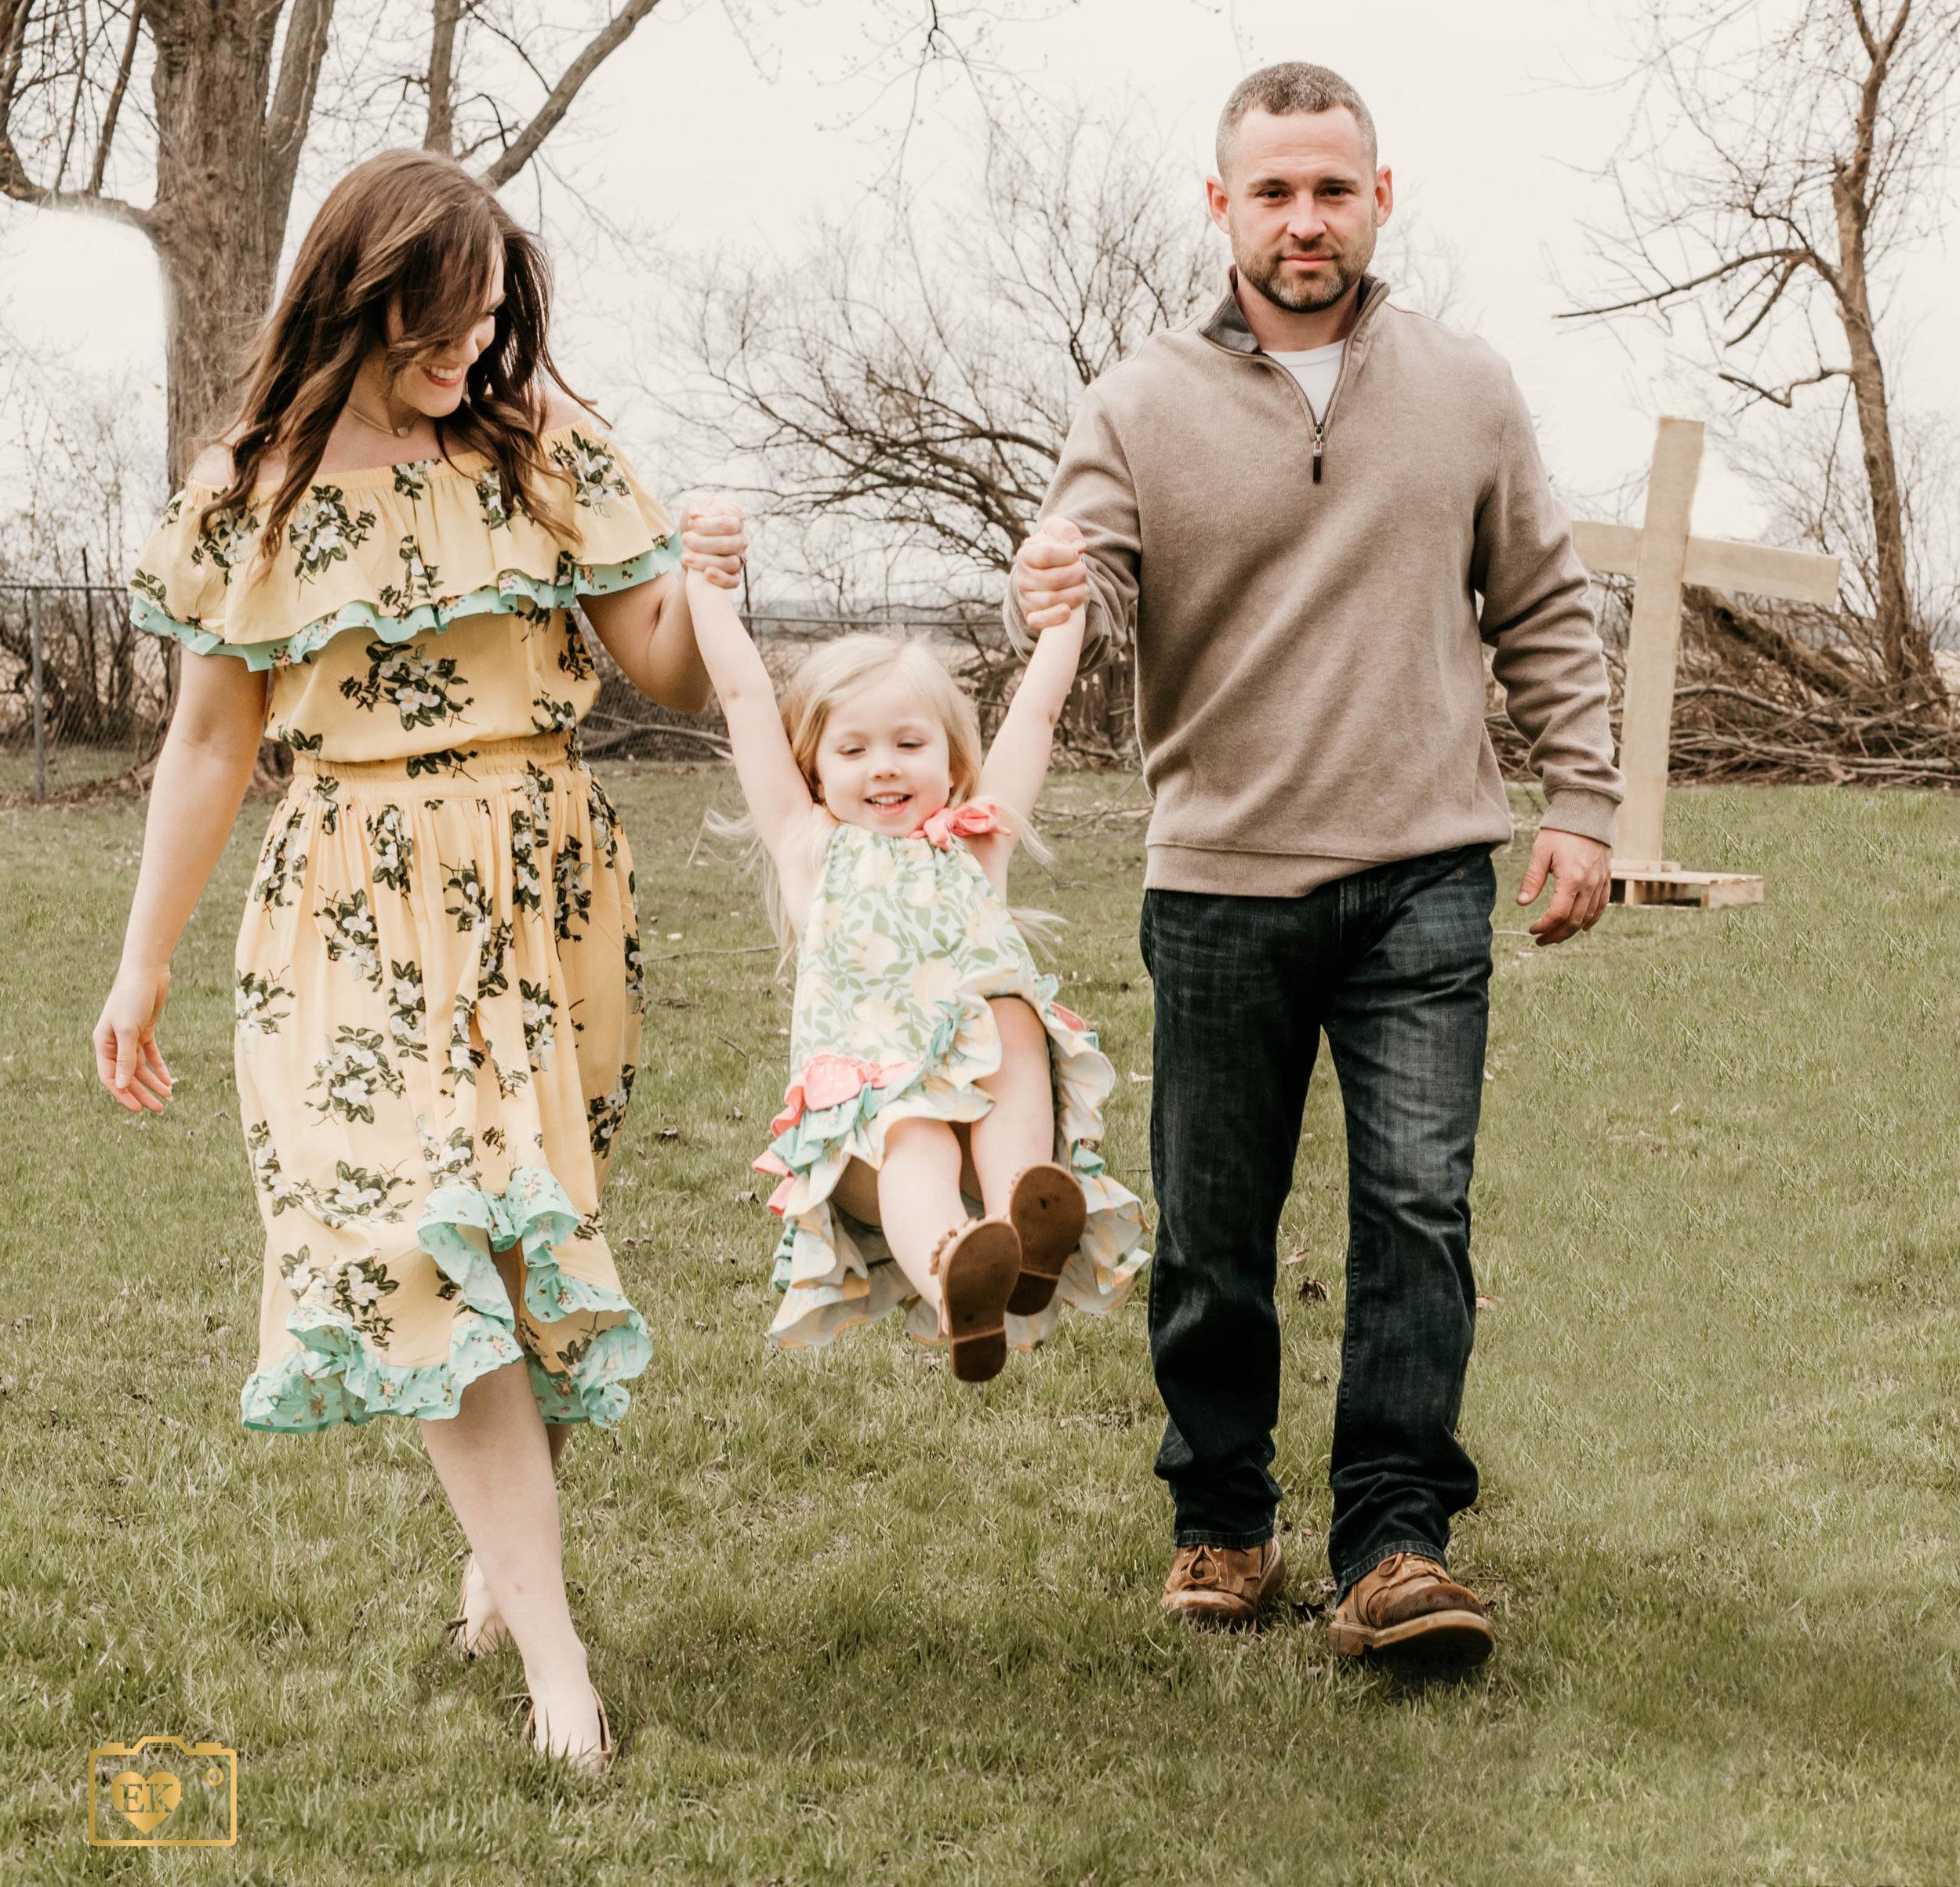 musselmanfamily14.jpg